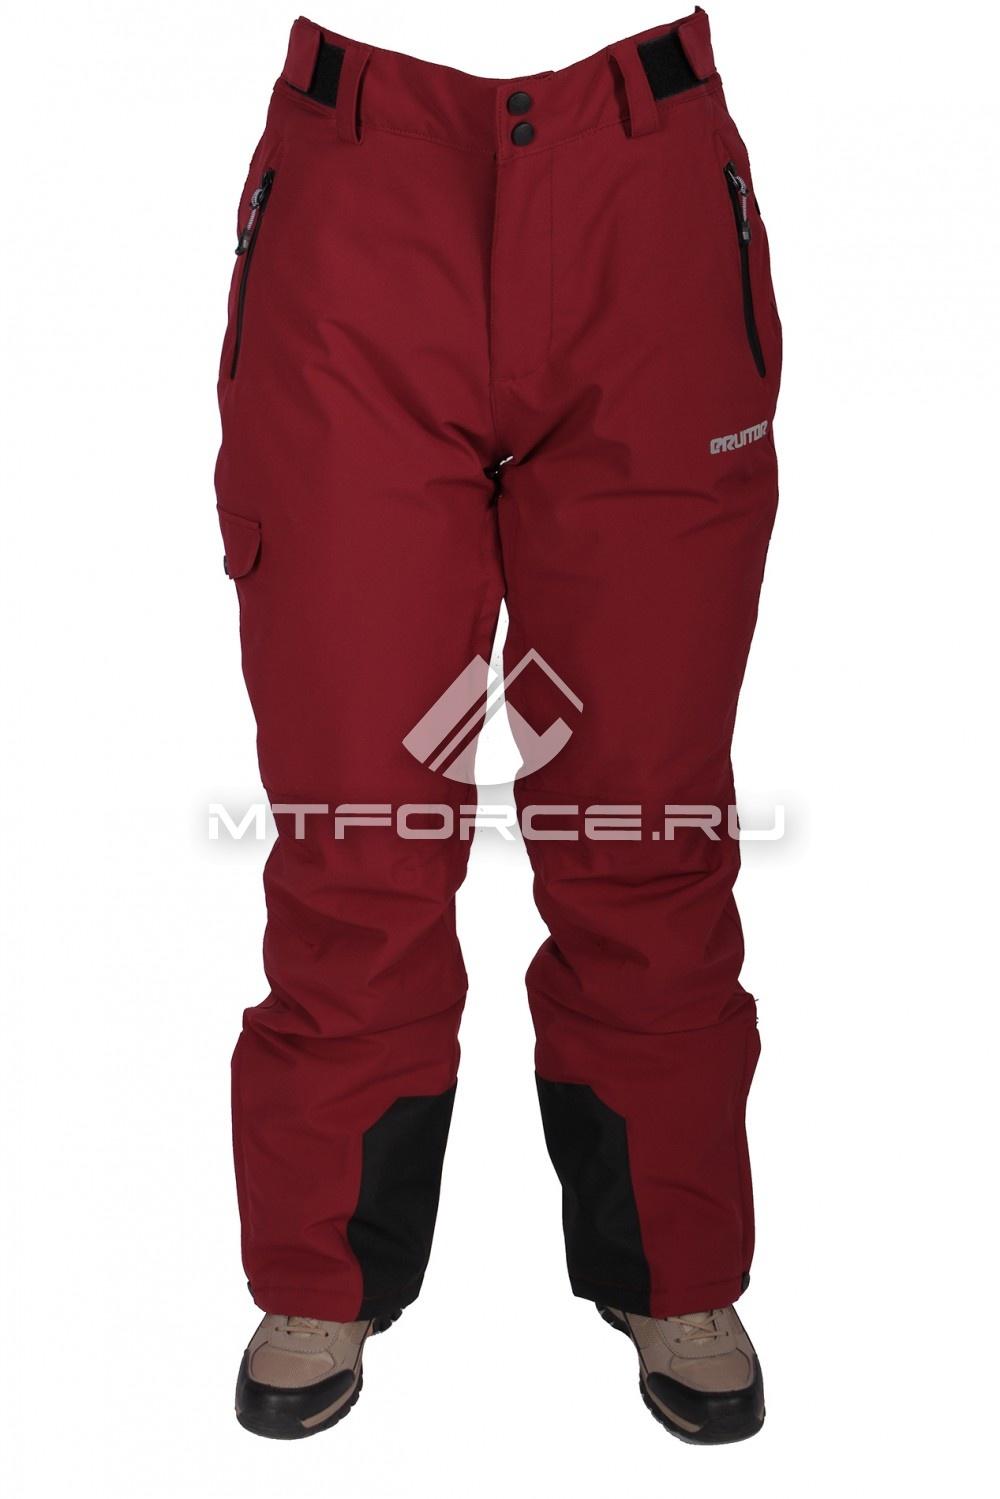 Купить                                  оптом Брюки горнолыжные женские красного цвета 17644Kr